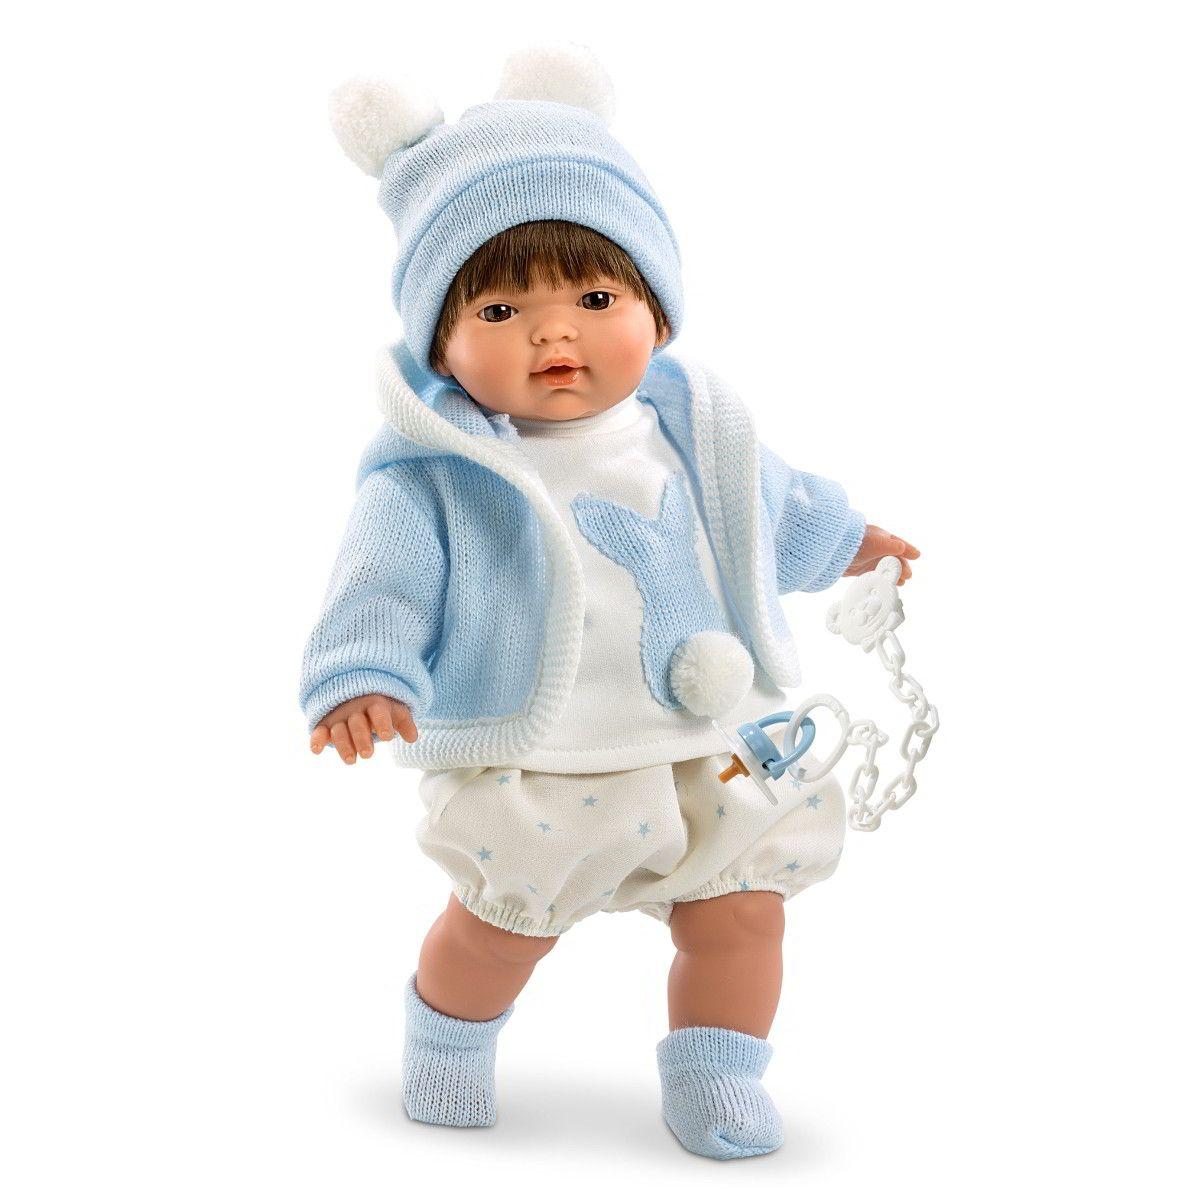 Купить Кукла Карлос, 33 см, Llorens Juan